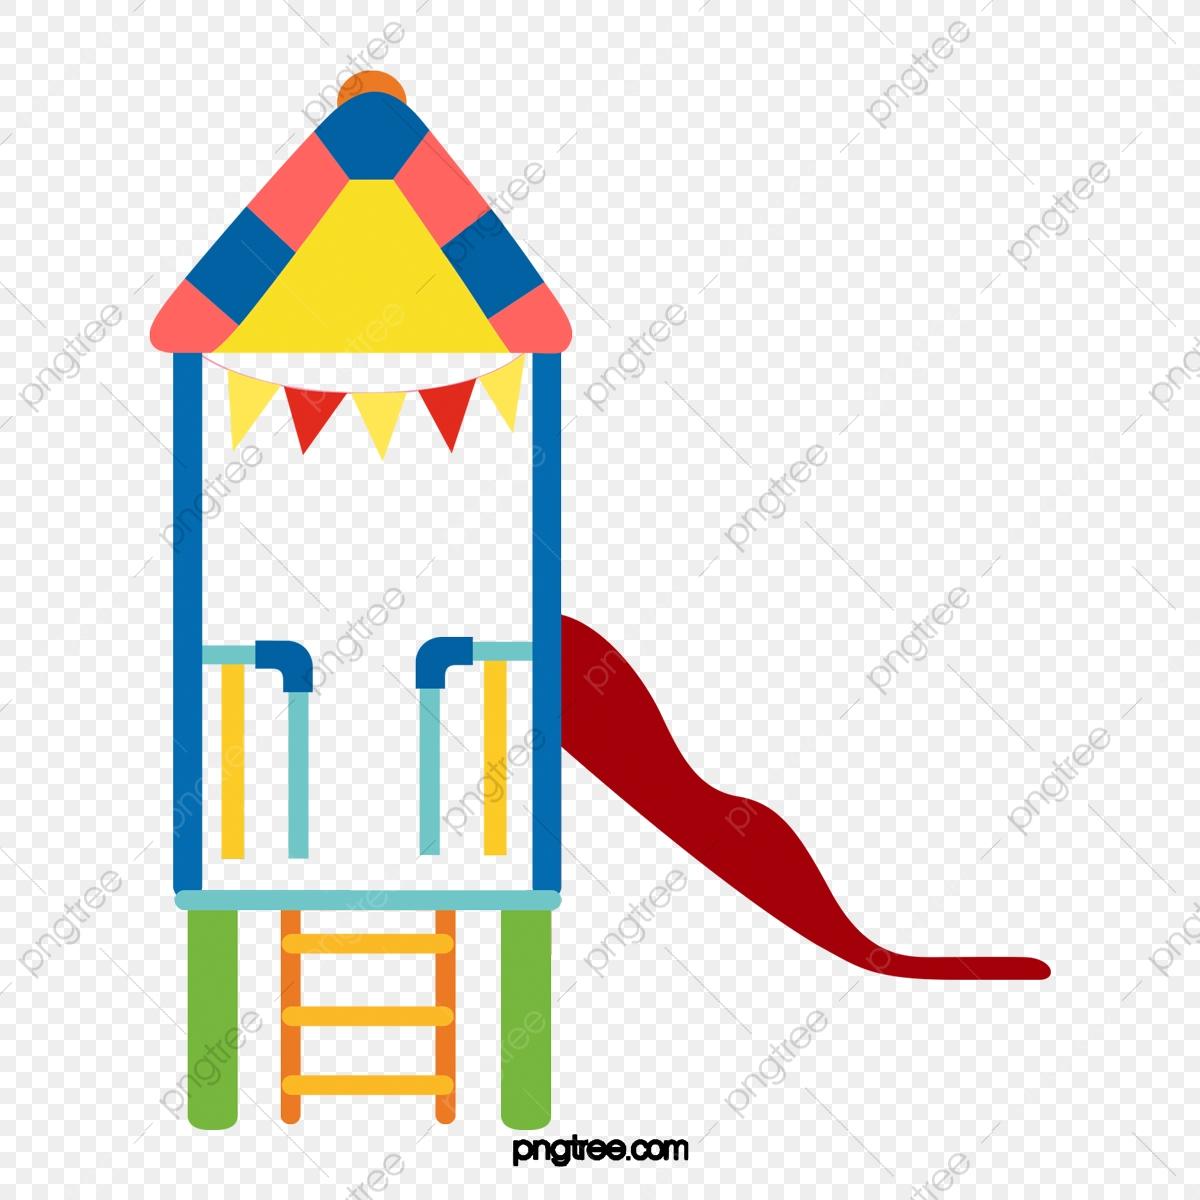 Coulisse Pour Aire De Jeux Pour Enfants Couleur, Color encequiconcerne Jeux Pour Enfan Gratuit